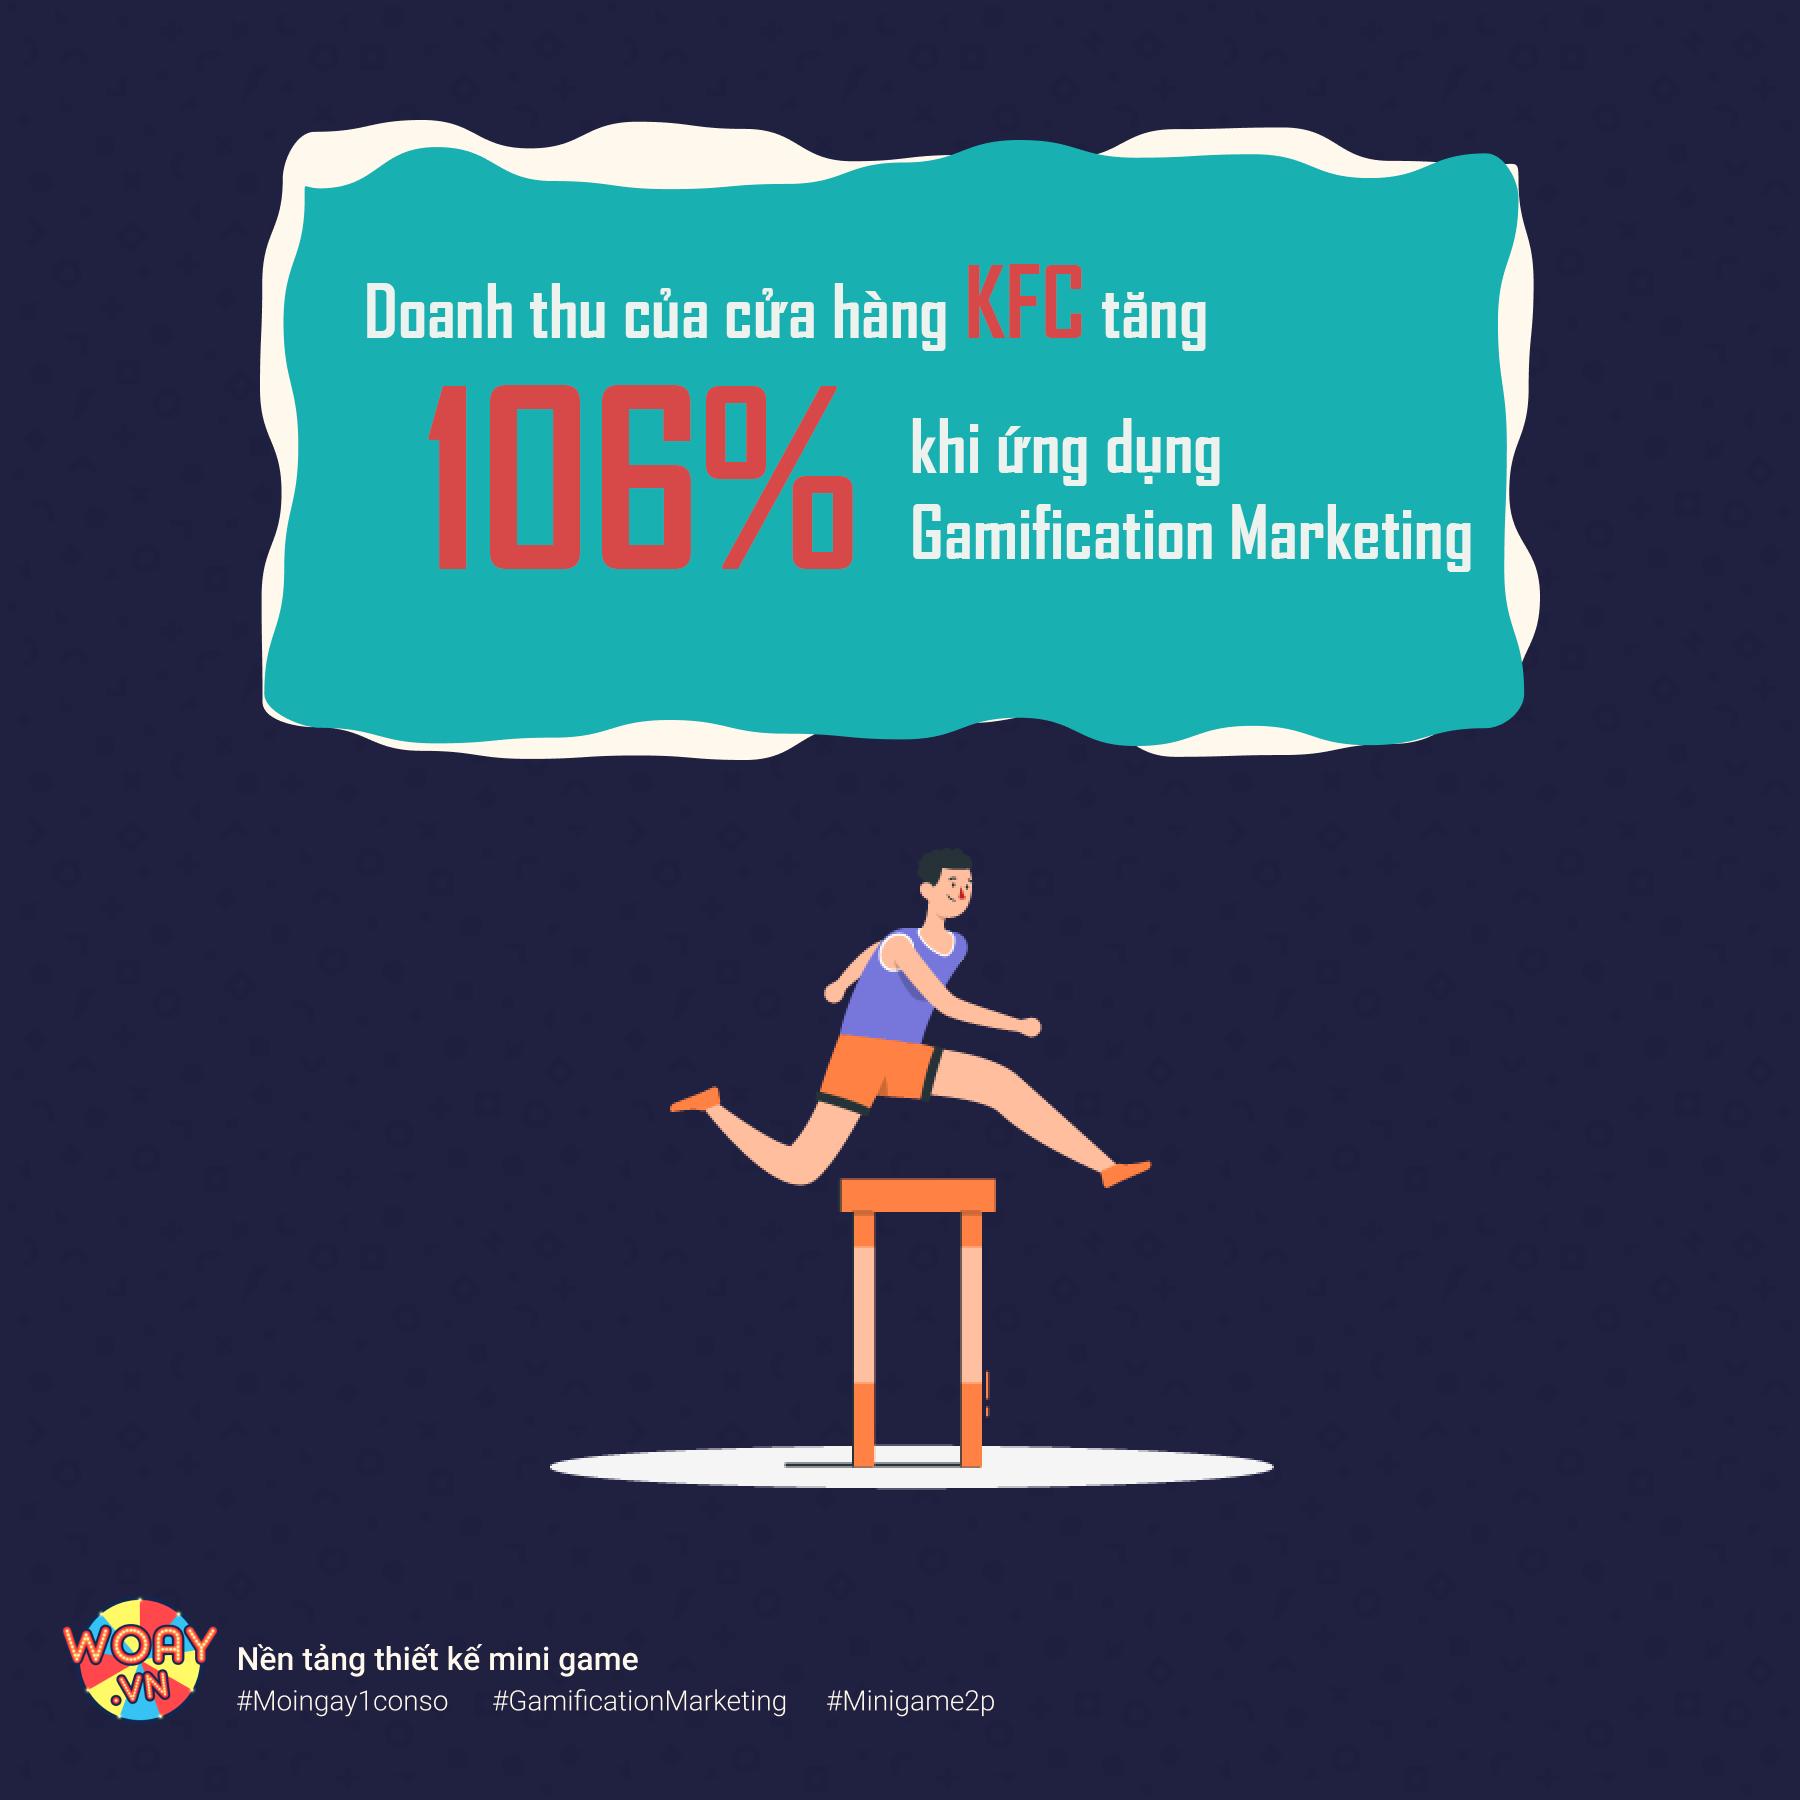 Doanh thu của cửa hàng KFC tăng 106% khi ứng dụng Gamification Marketing